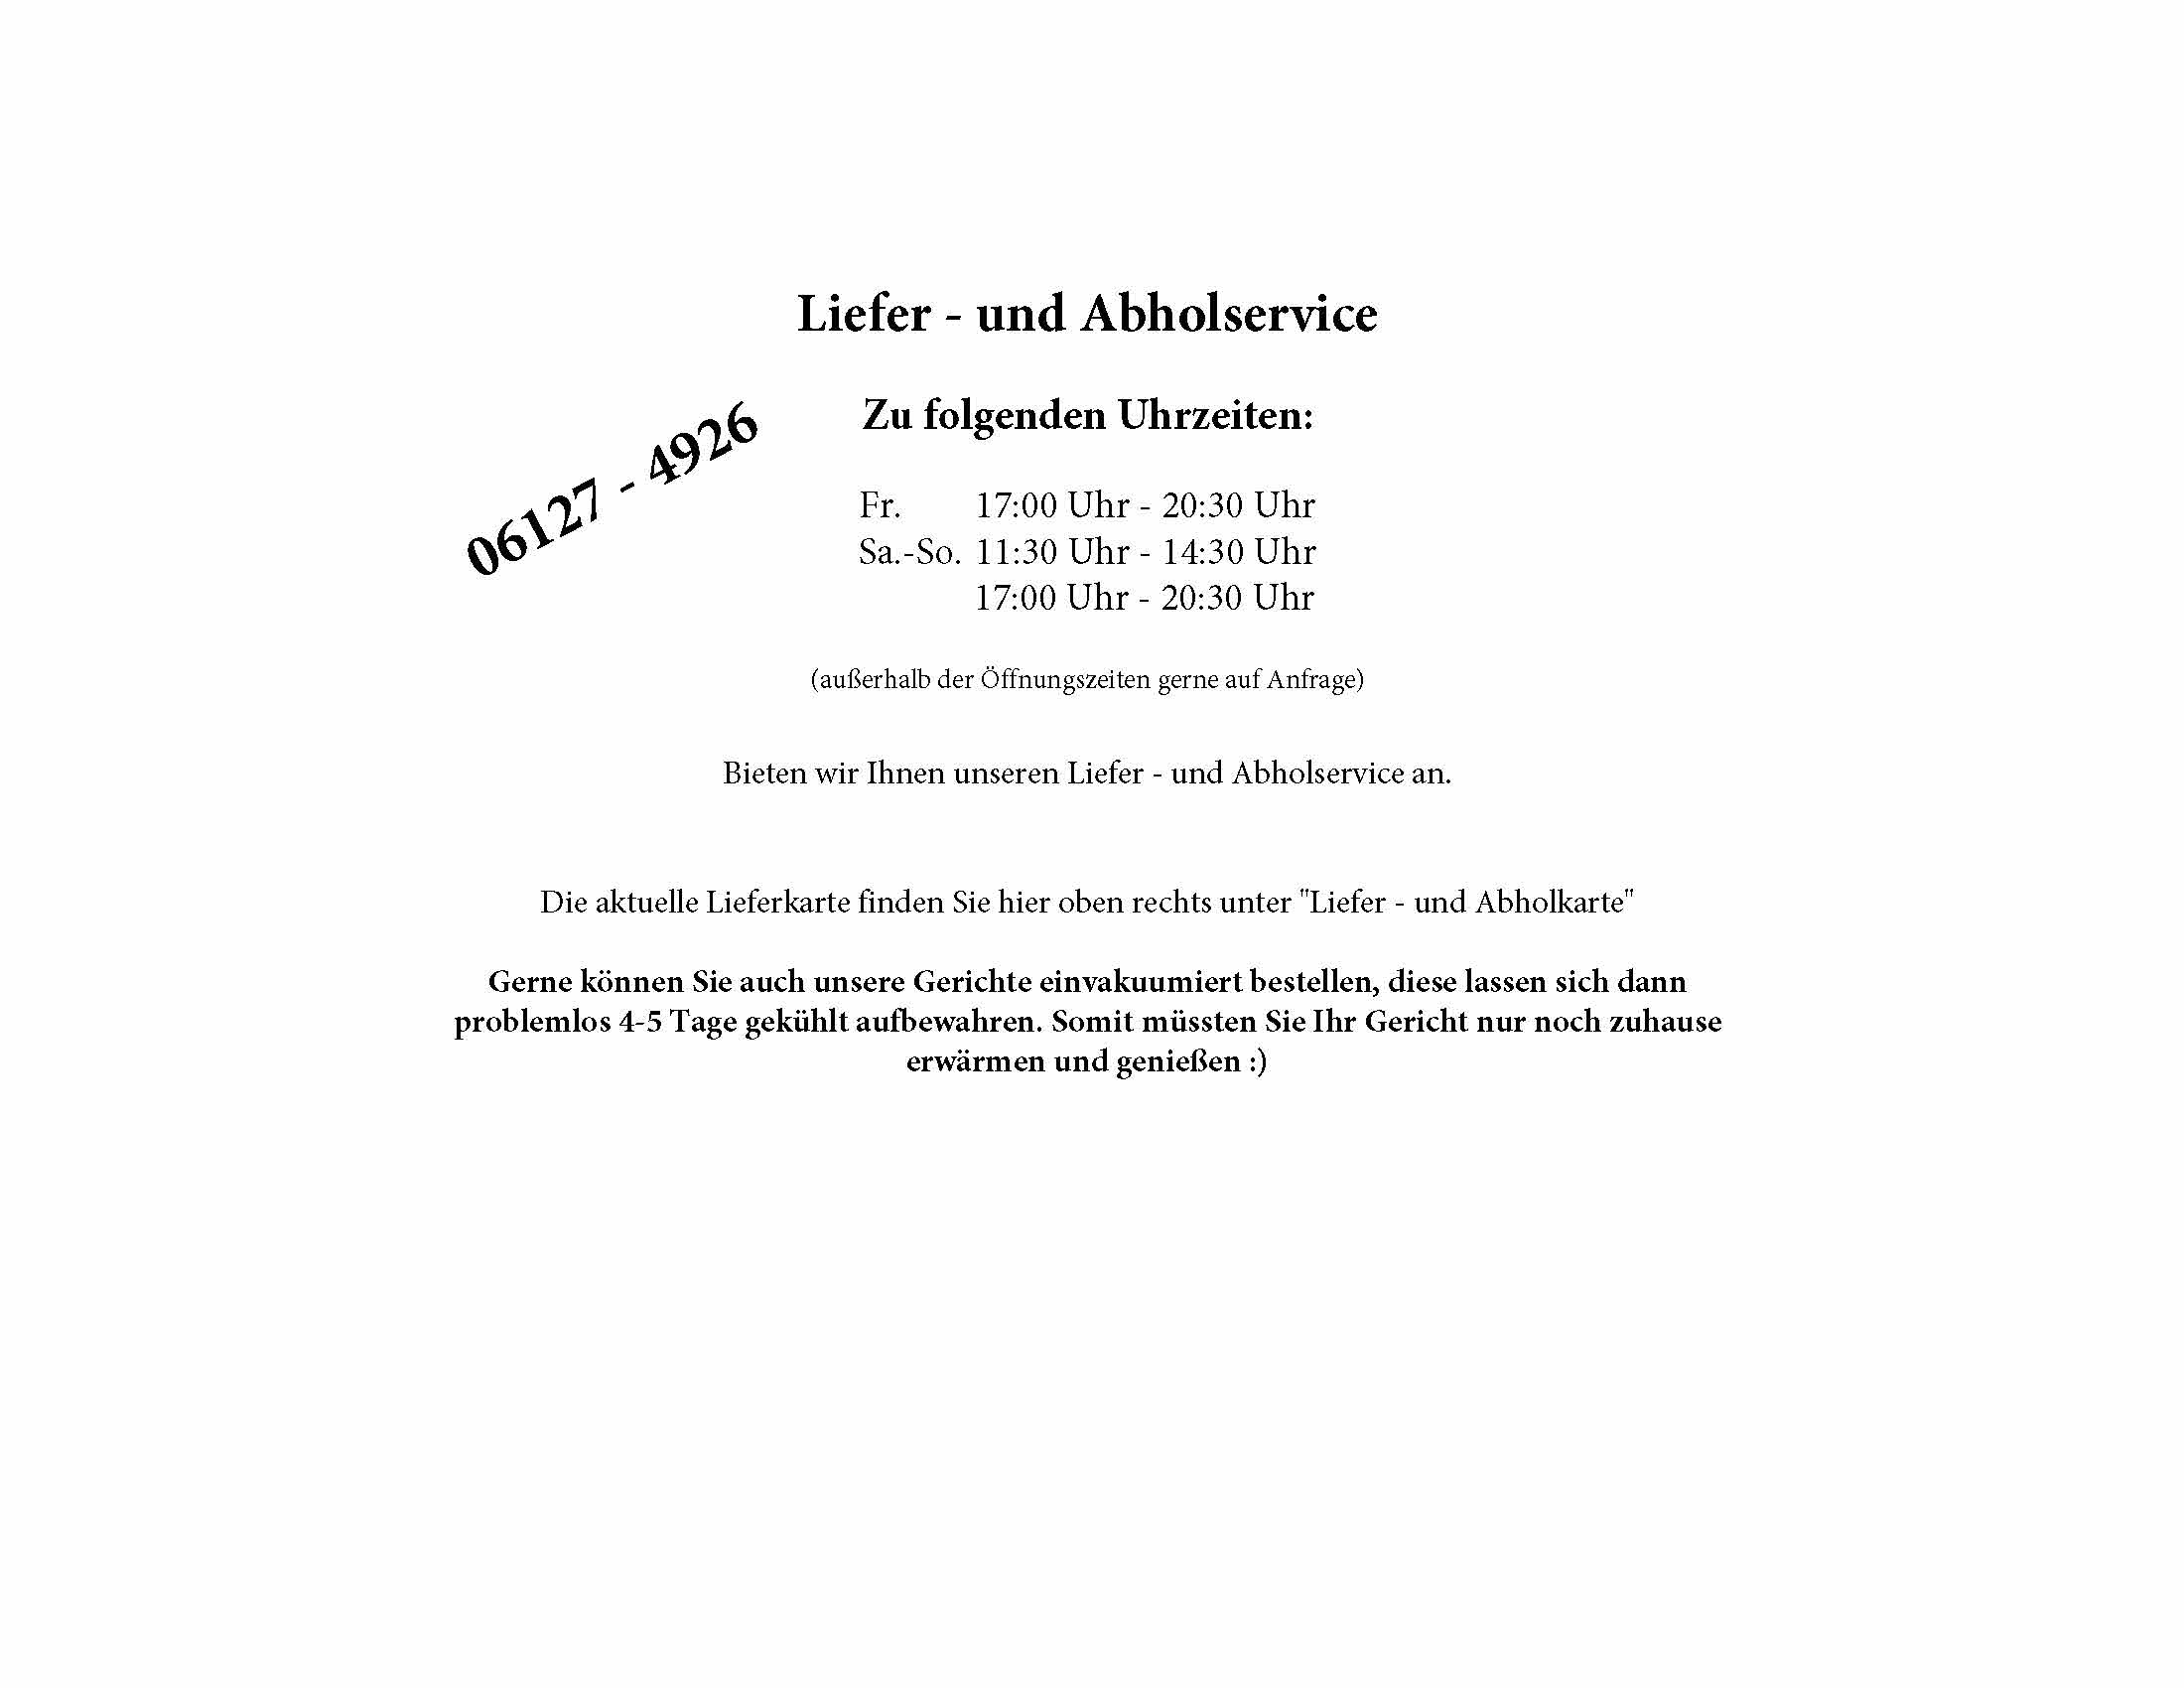 Homepage Lieferservice 3 Tage geöffnet Info